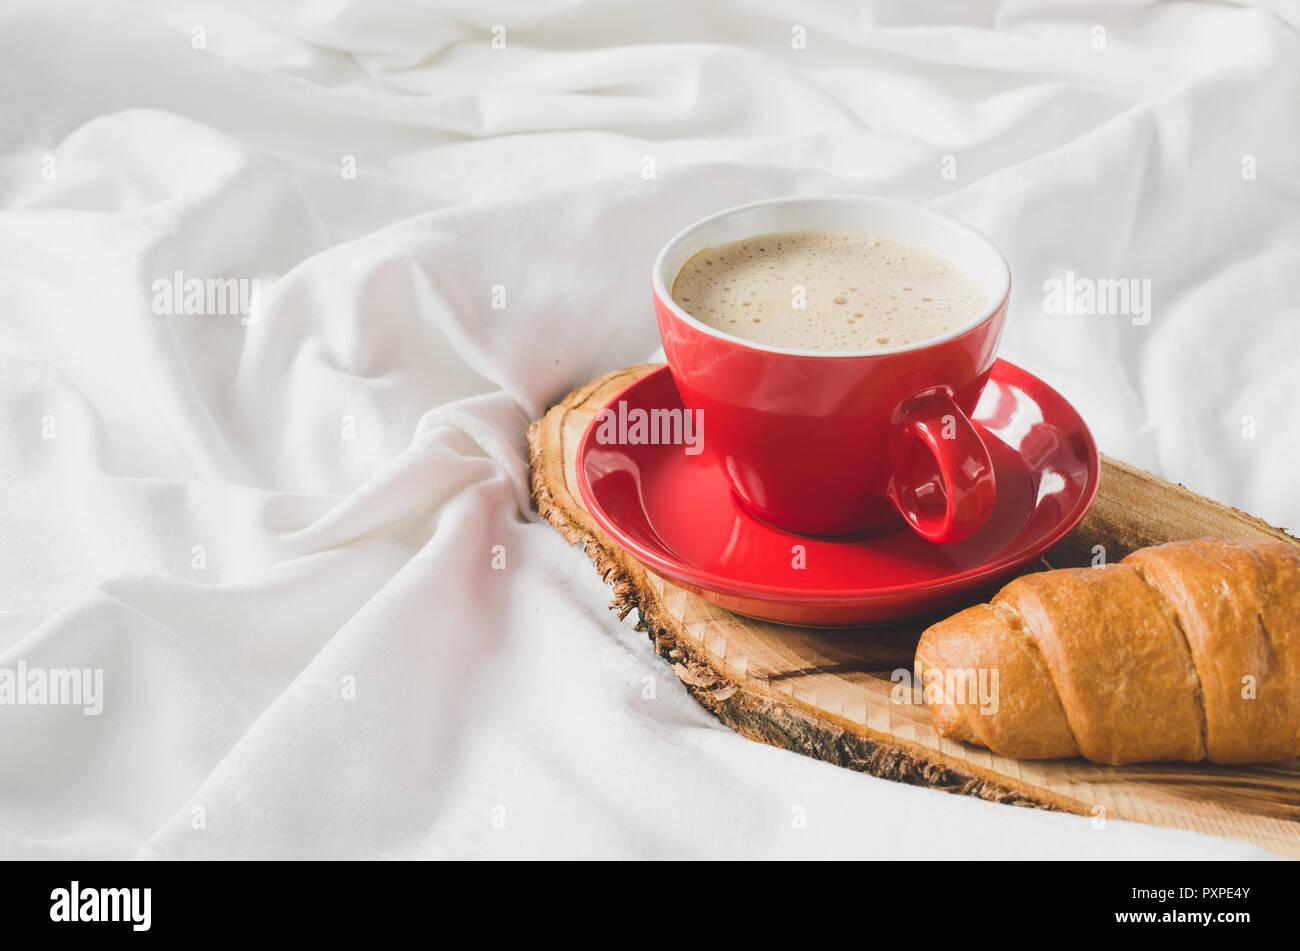 Frühstück Im Bett, Fach Mit Cappuccino, Schokolade Und Croissants Auf Einem  Bett Mit Plaid Im Schlafzimmer Innenraum. Selektive Konzentrieren.